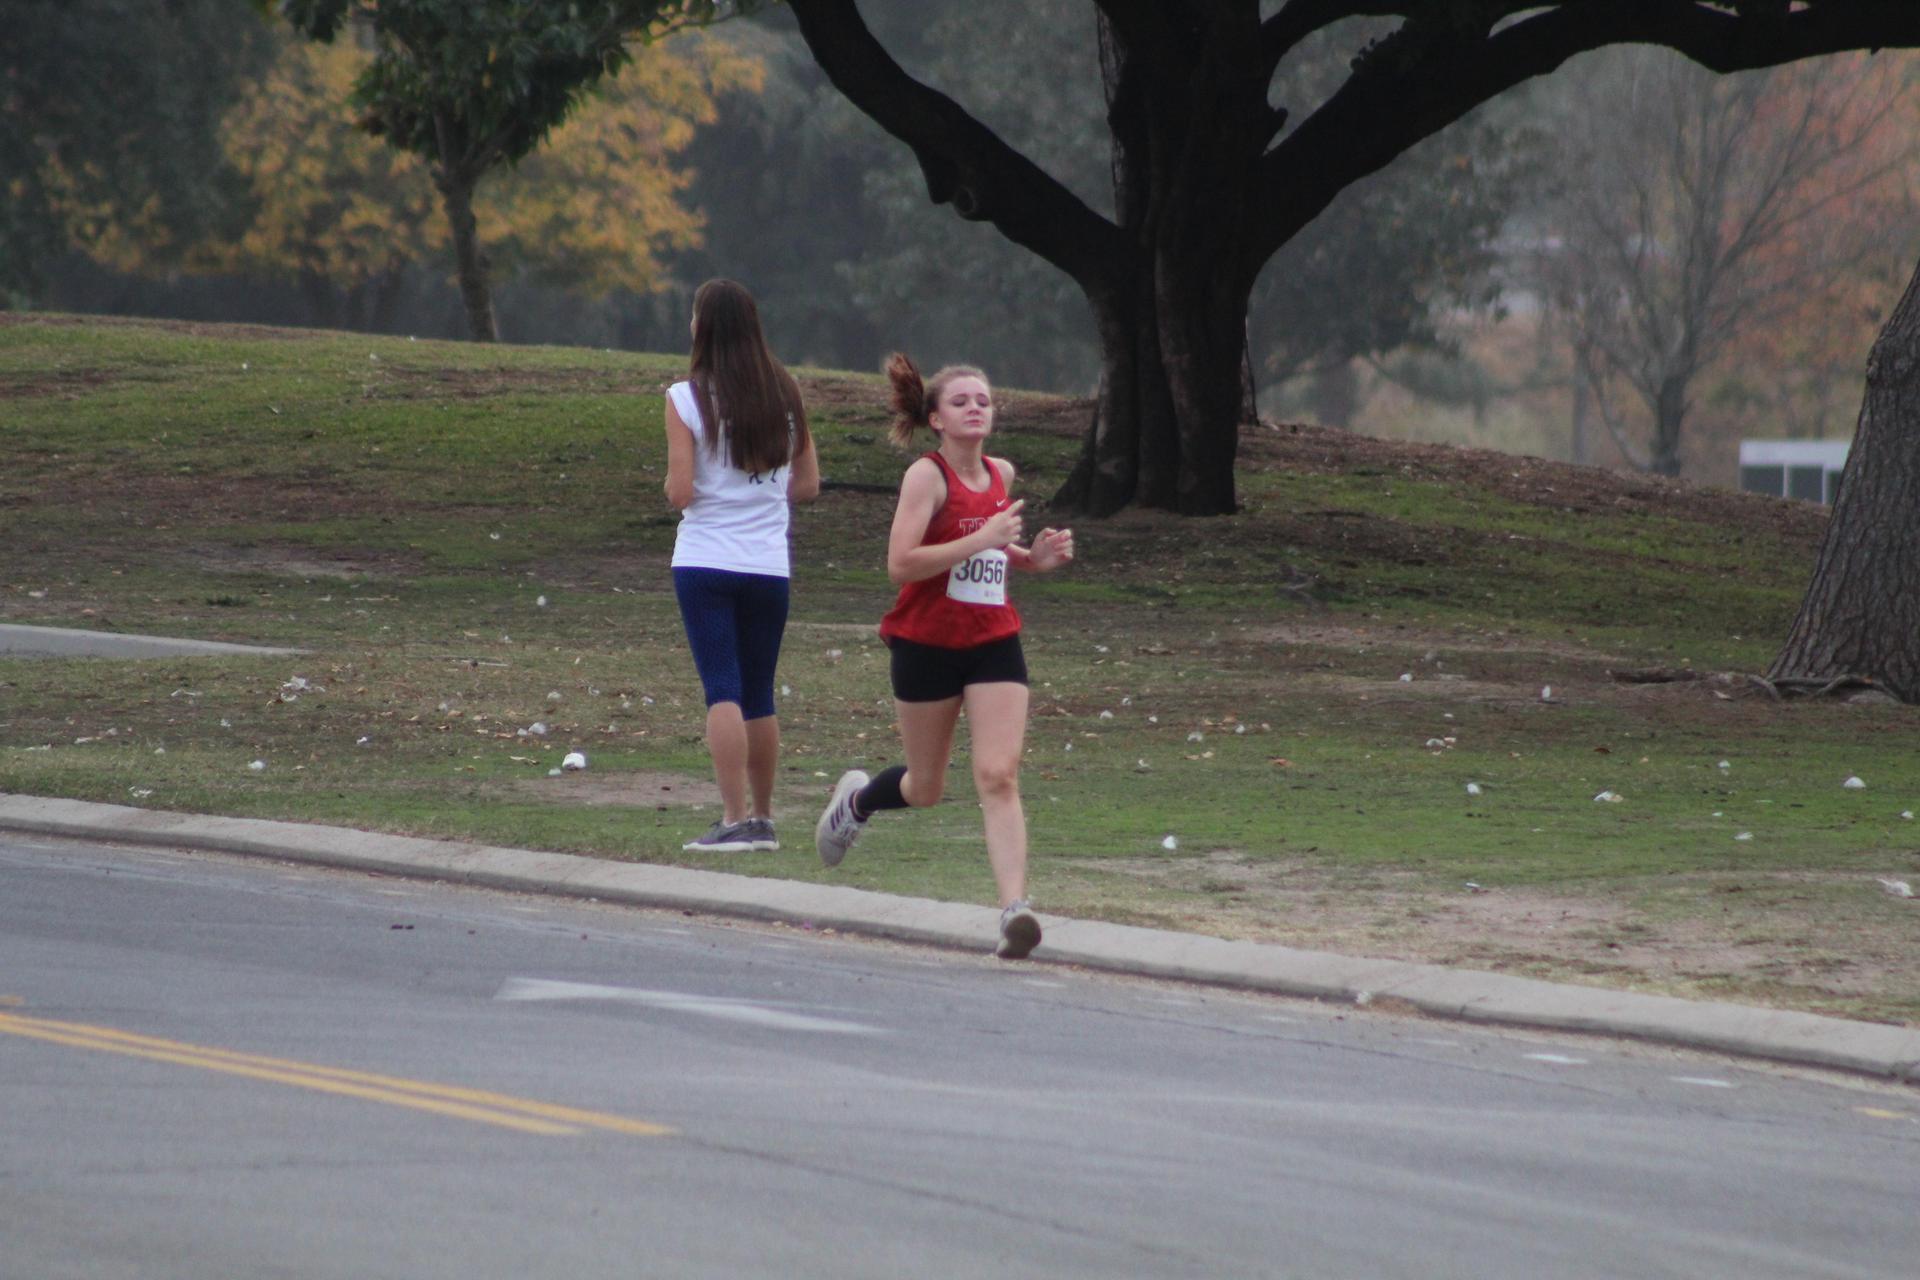 Roxxana Boyajian finishing